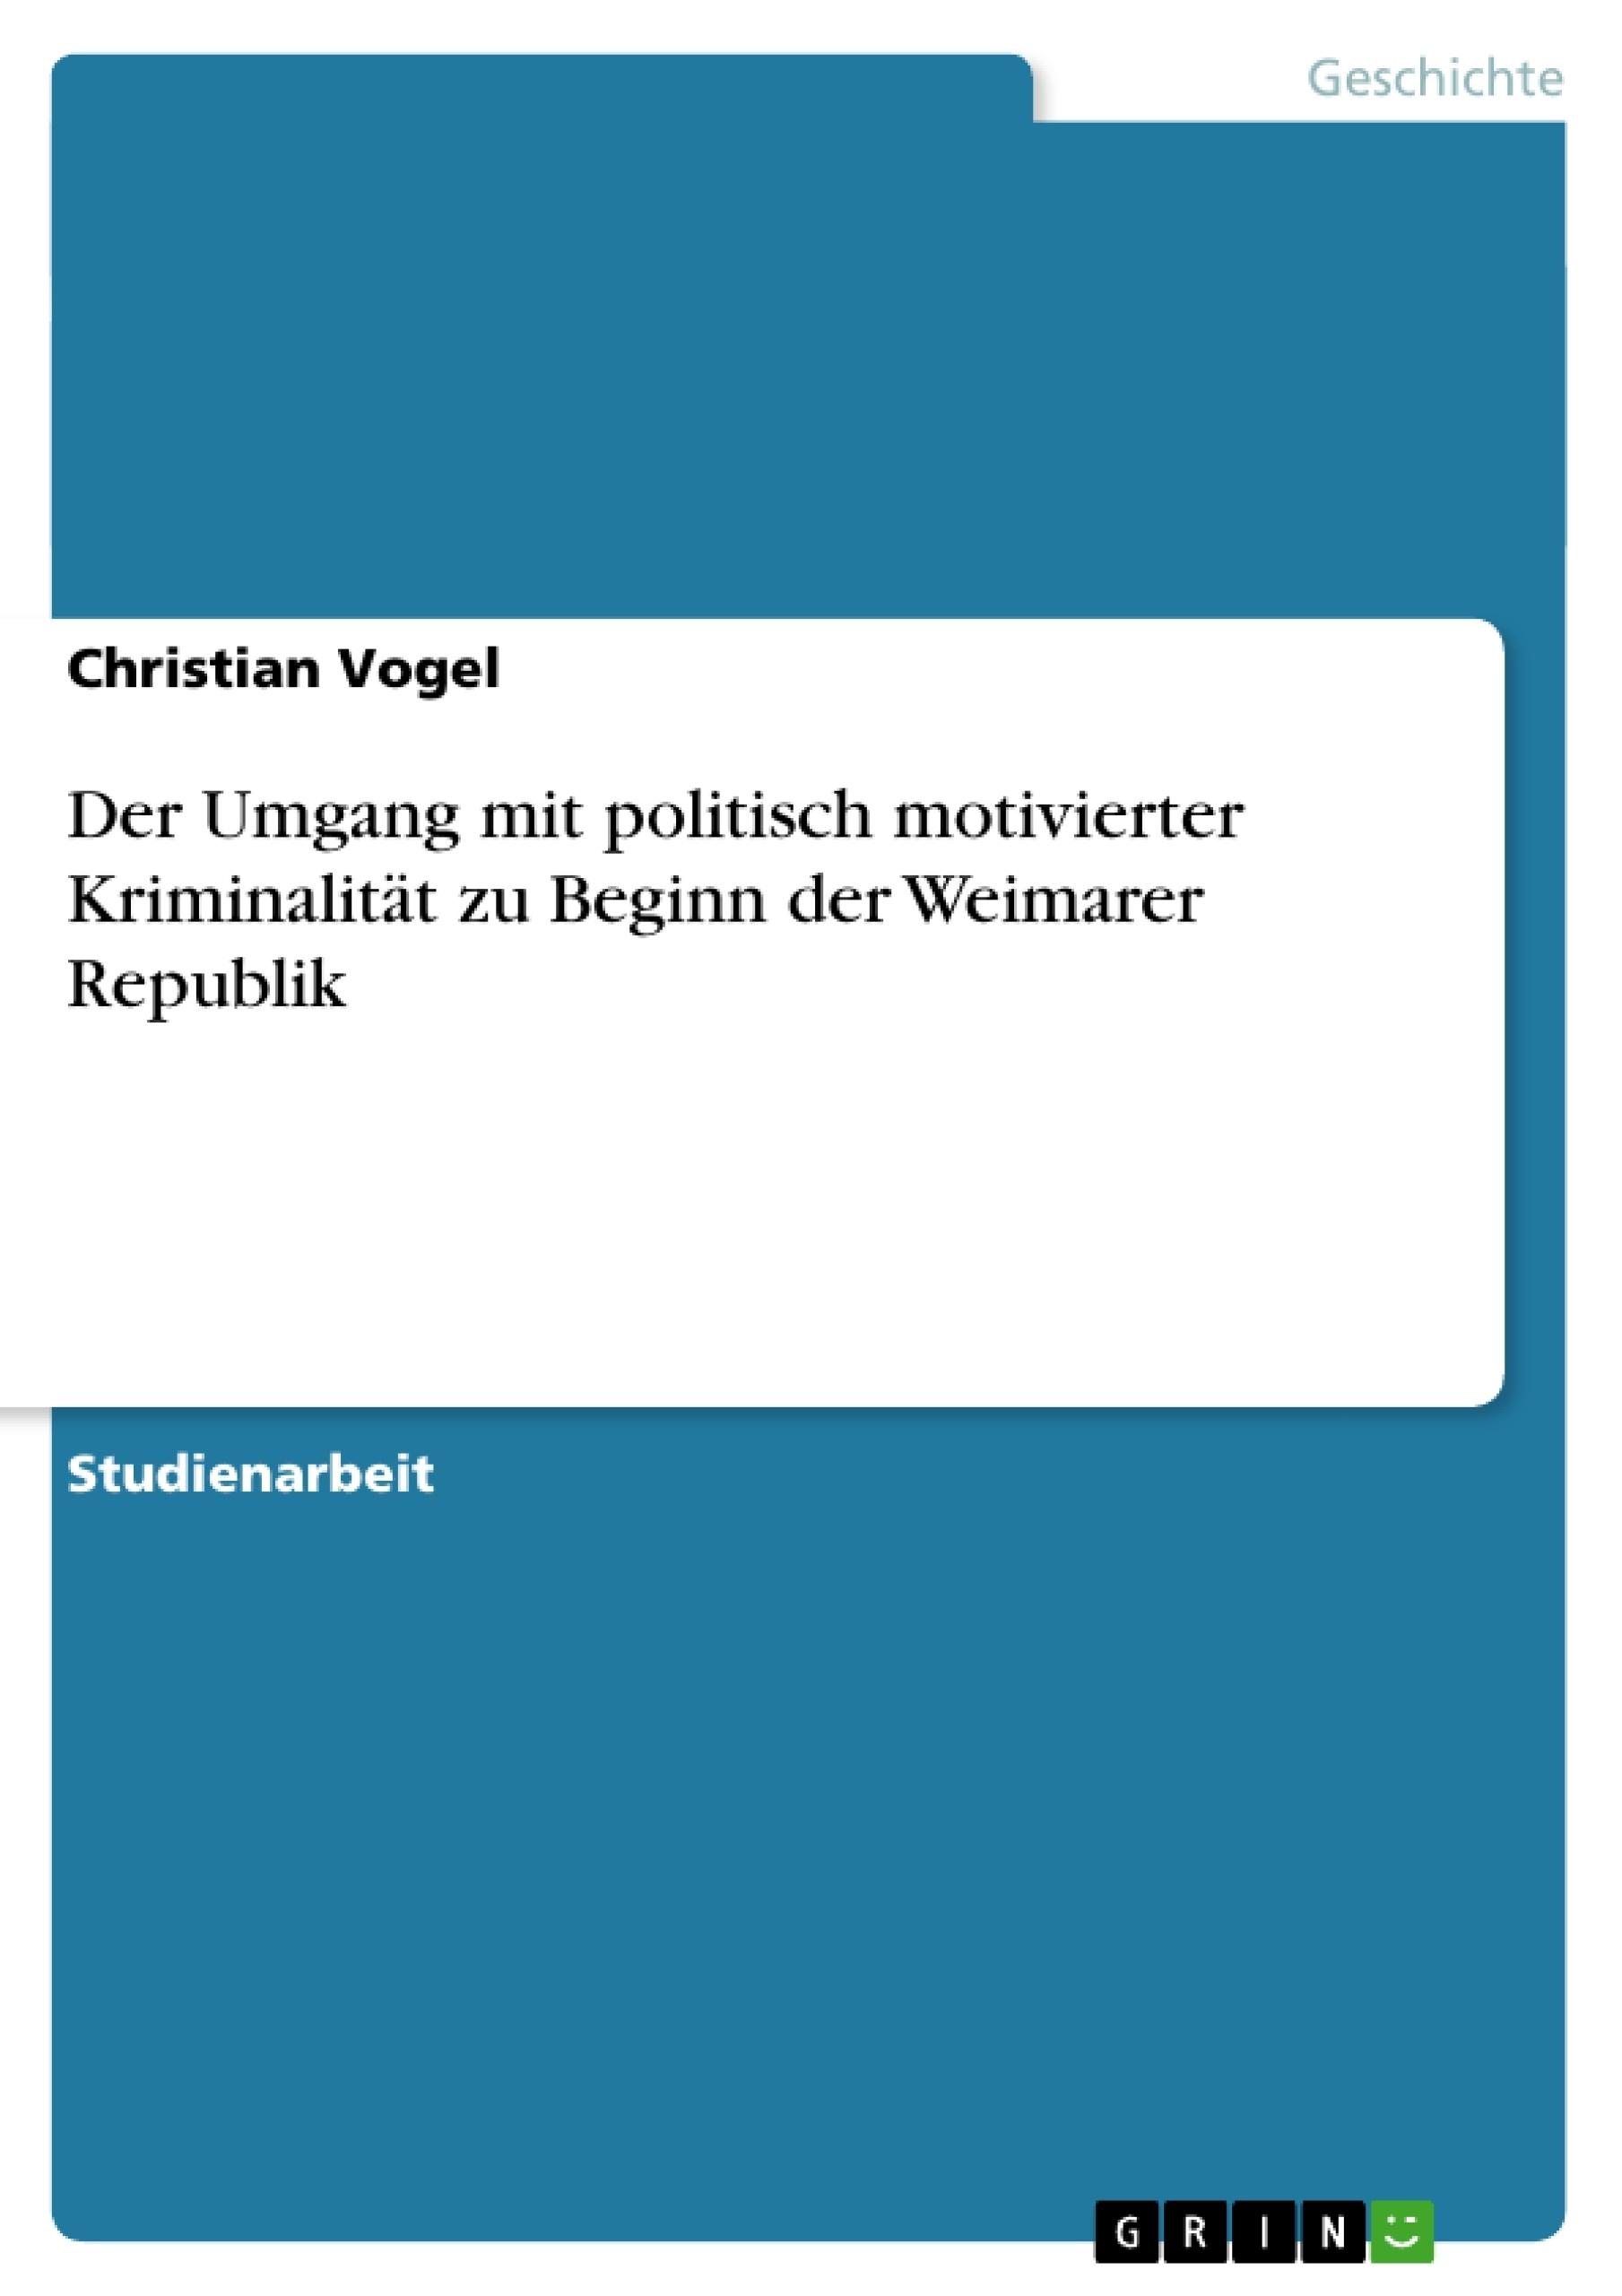 Titel: Der Umgang mit politisch motivierter Kriminalität zu Beginn der Weimarer Republik